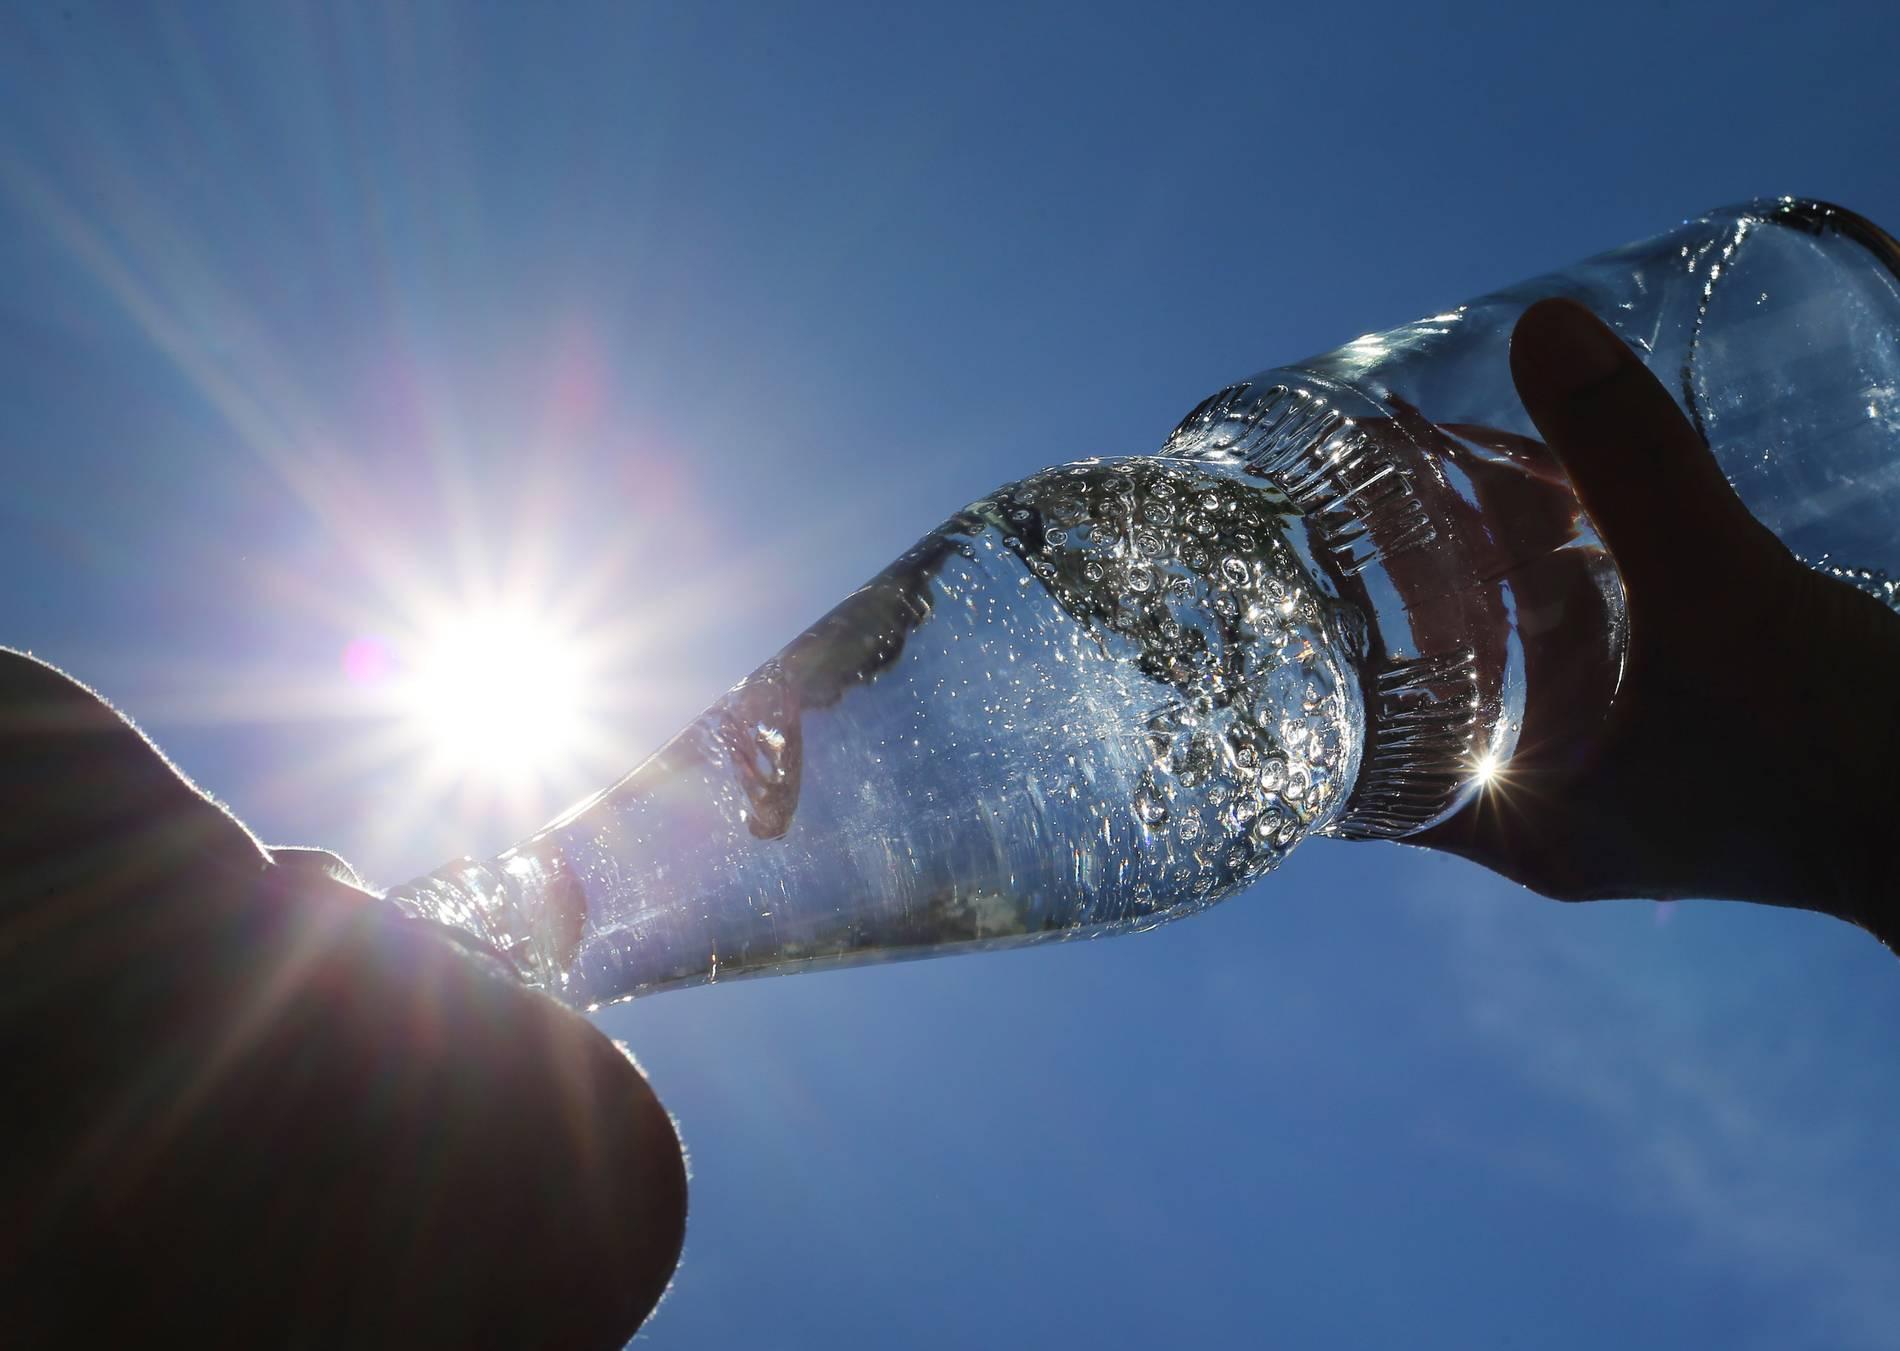 Hoch Detlef Im Nordwesten: Wetterdienst warnt vor Hitze am Wochenende